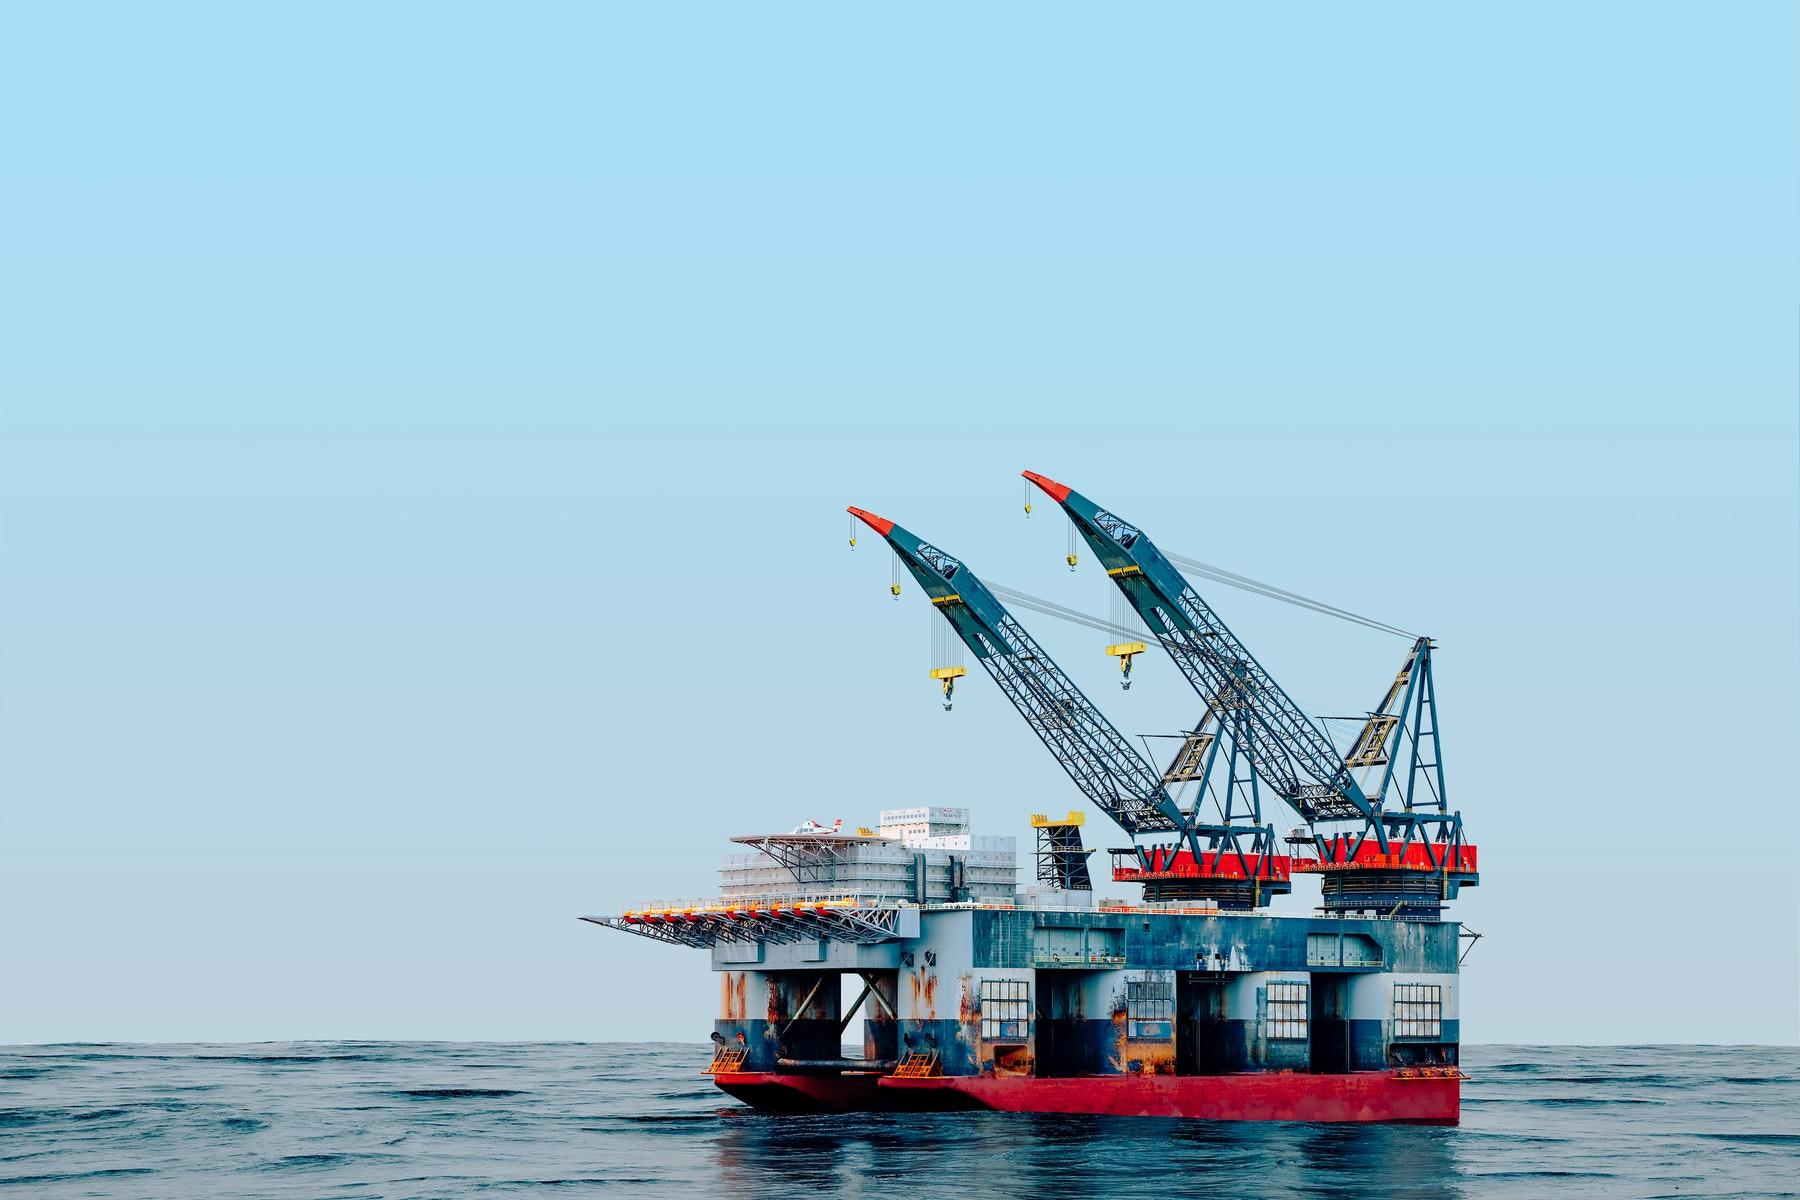 Giá xăng dầu hôm nay 7/4: Giá dầu giảm trở lại sau phiên tăng đầu tuần - Ảnh 1.